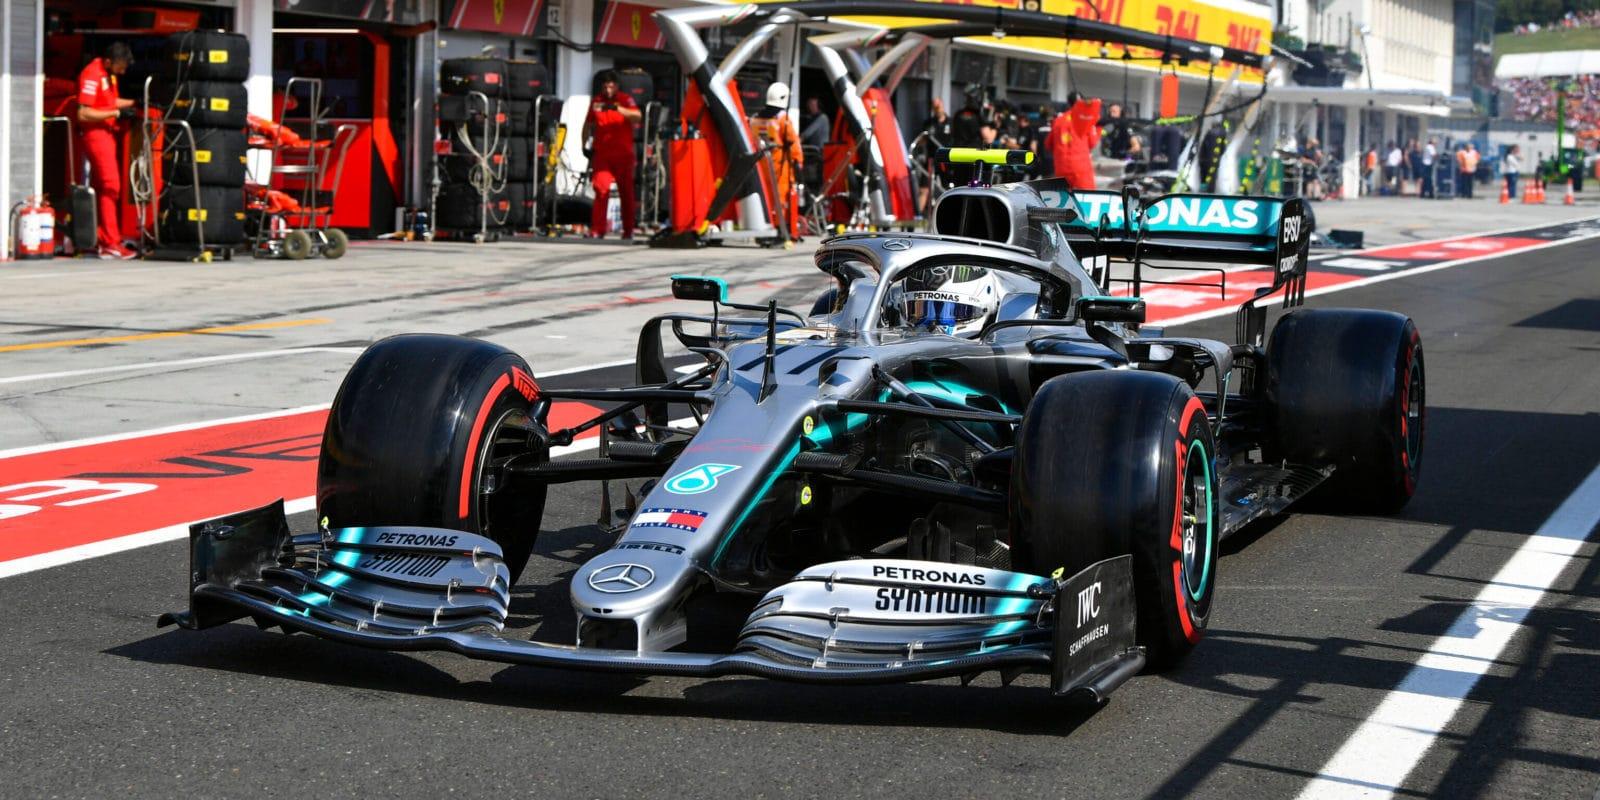 Mercedes nejopatrnější při výběru pneumatik pro Spa